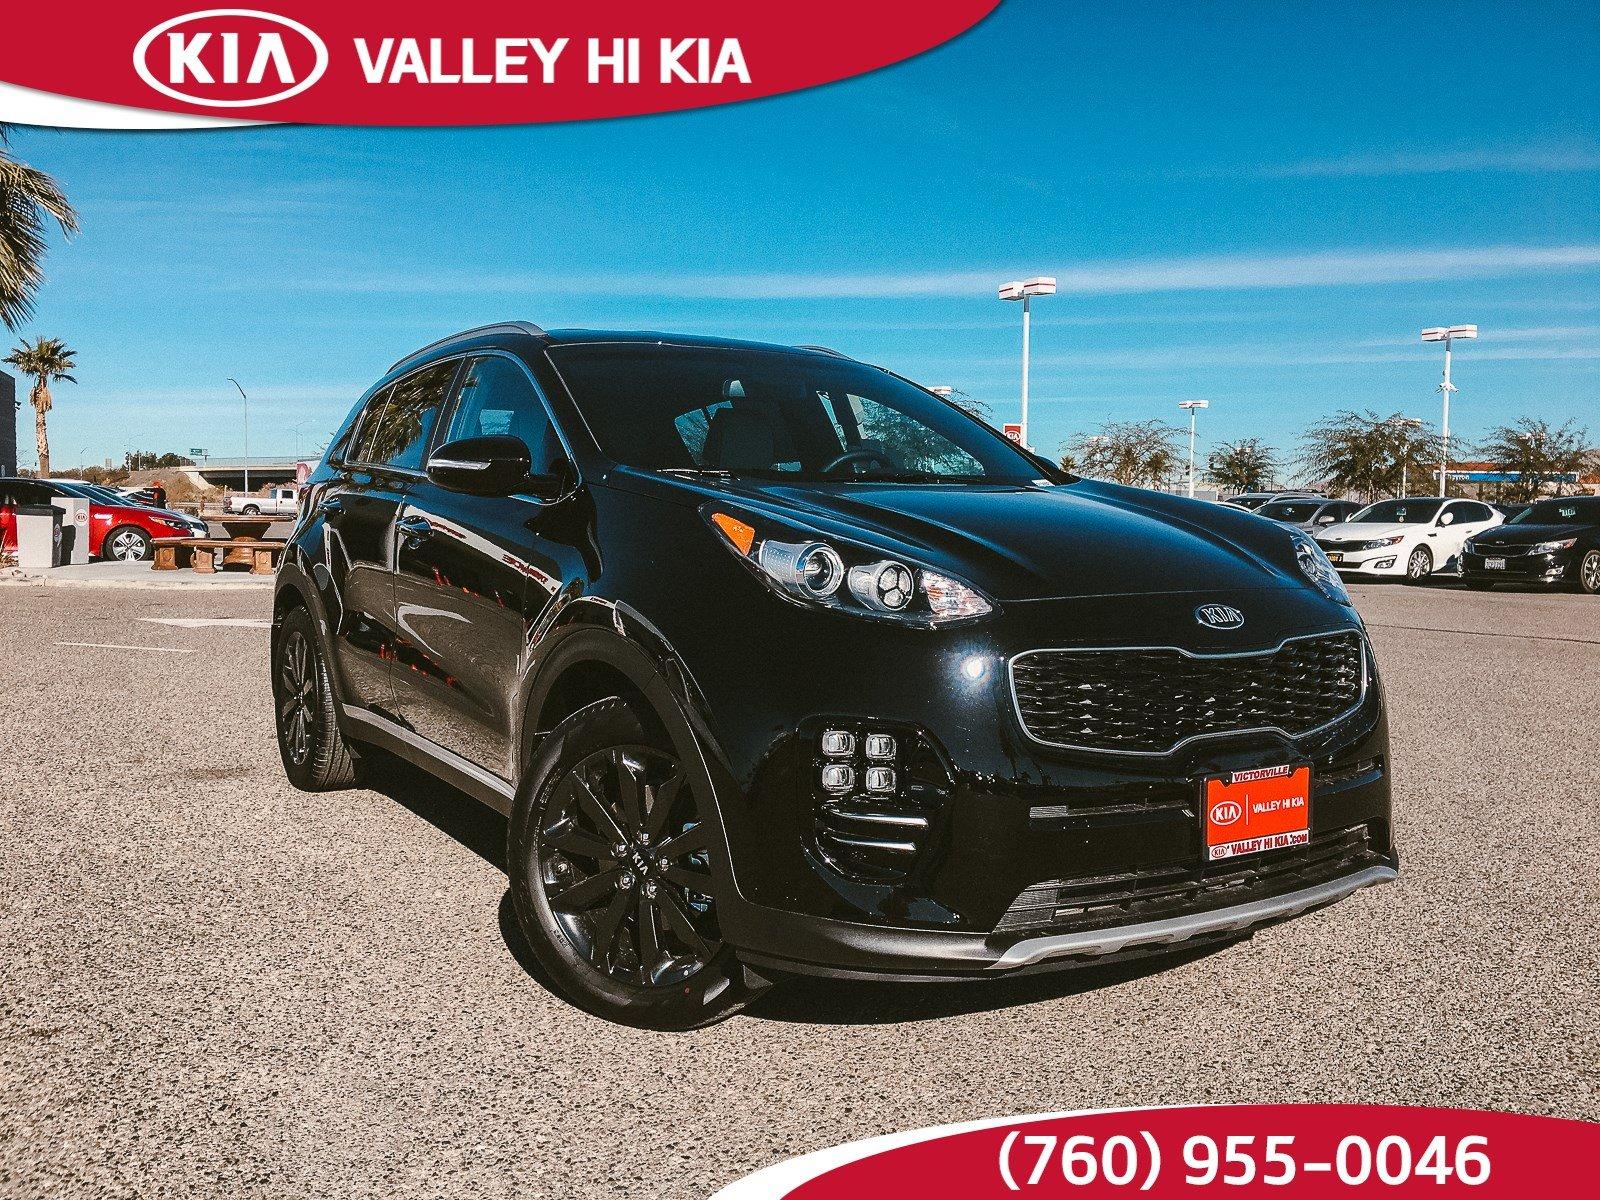 Valley Hi Kia >> New 2019 Kia Sportage For Sale In Victorville Ca Near Hesperia